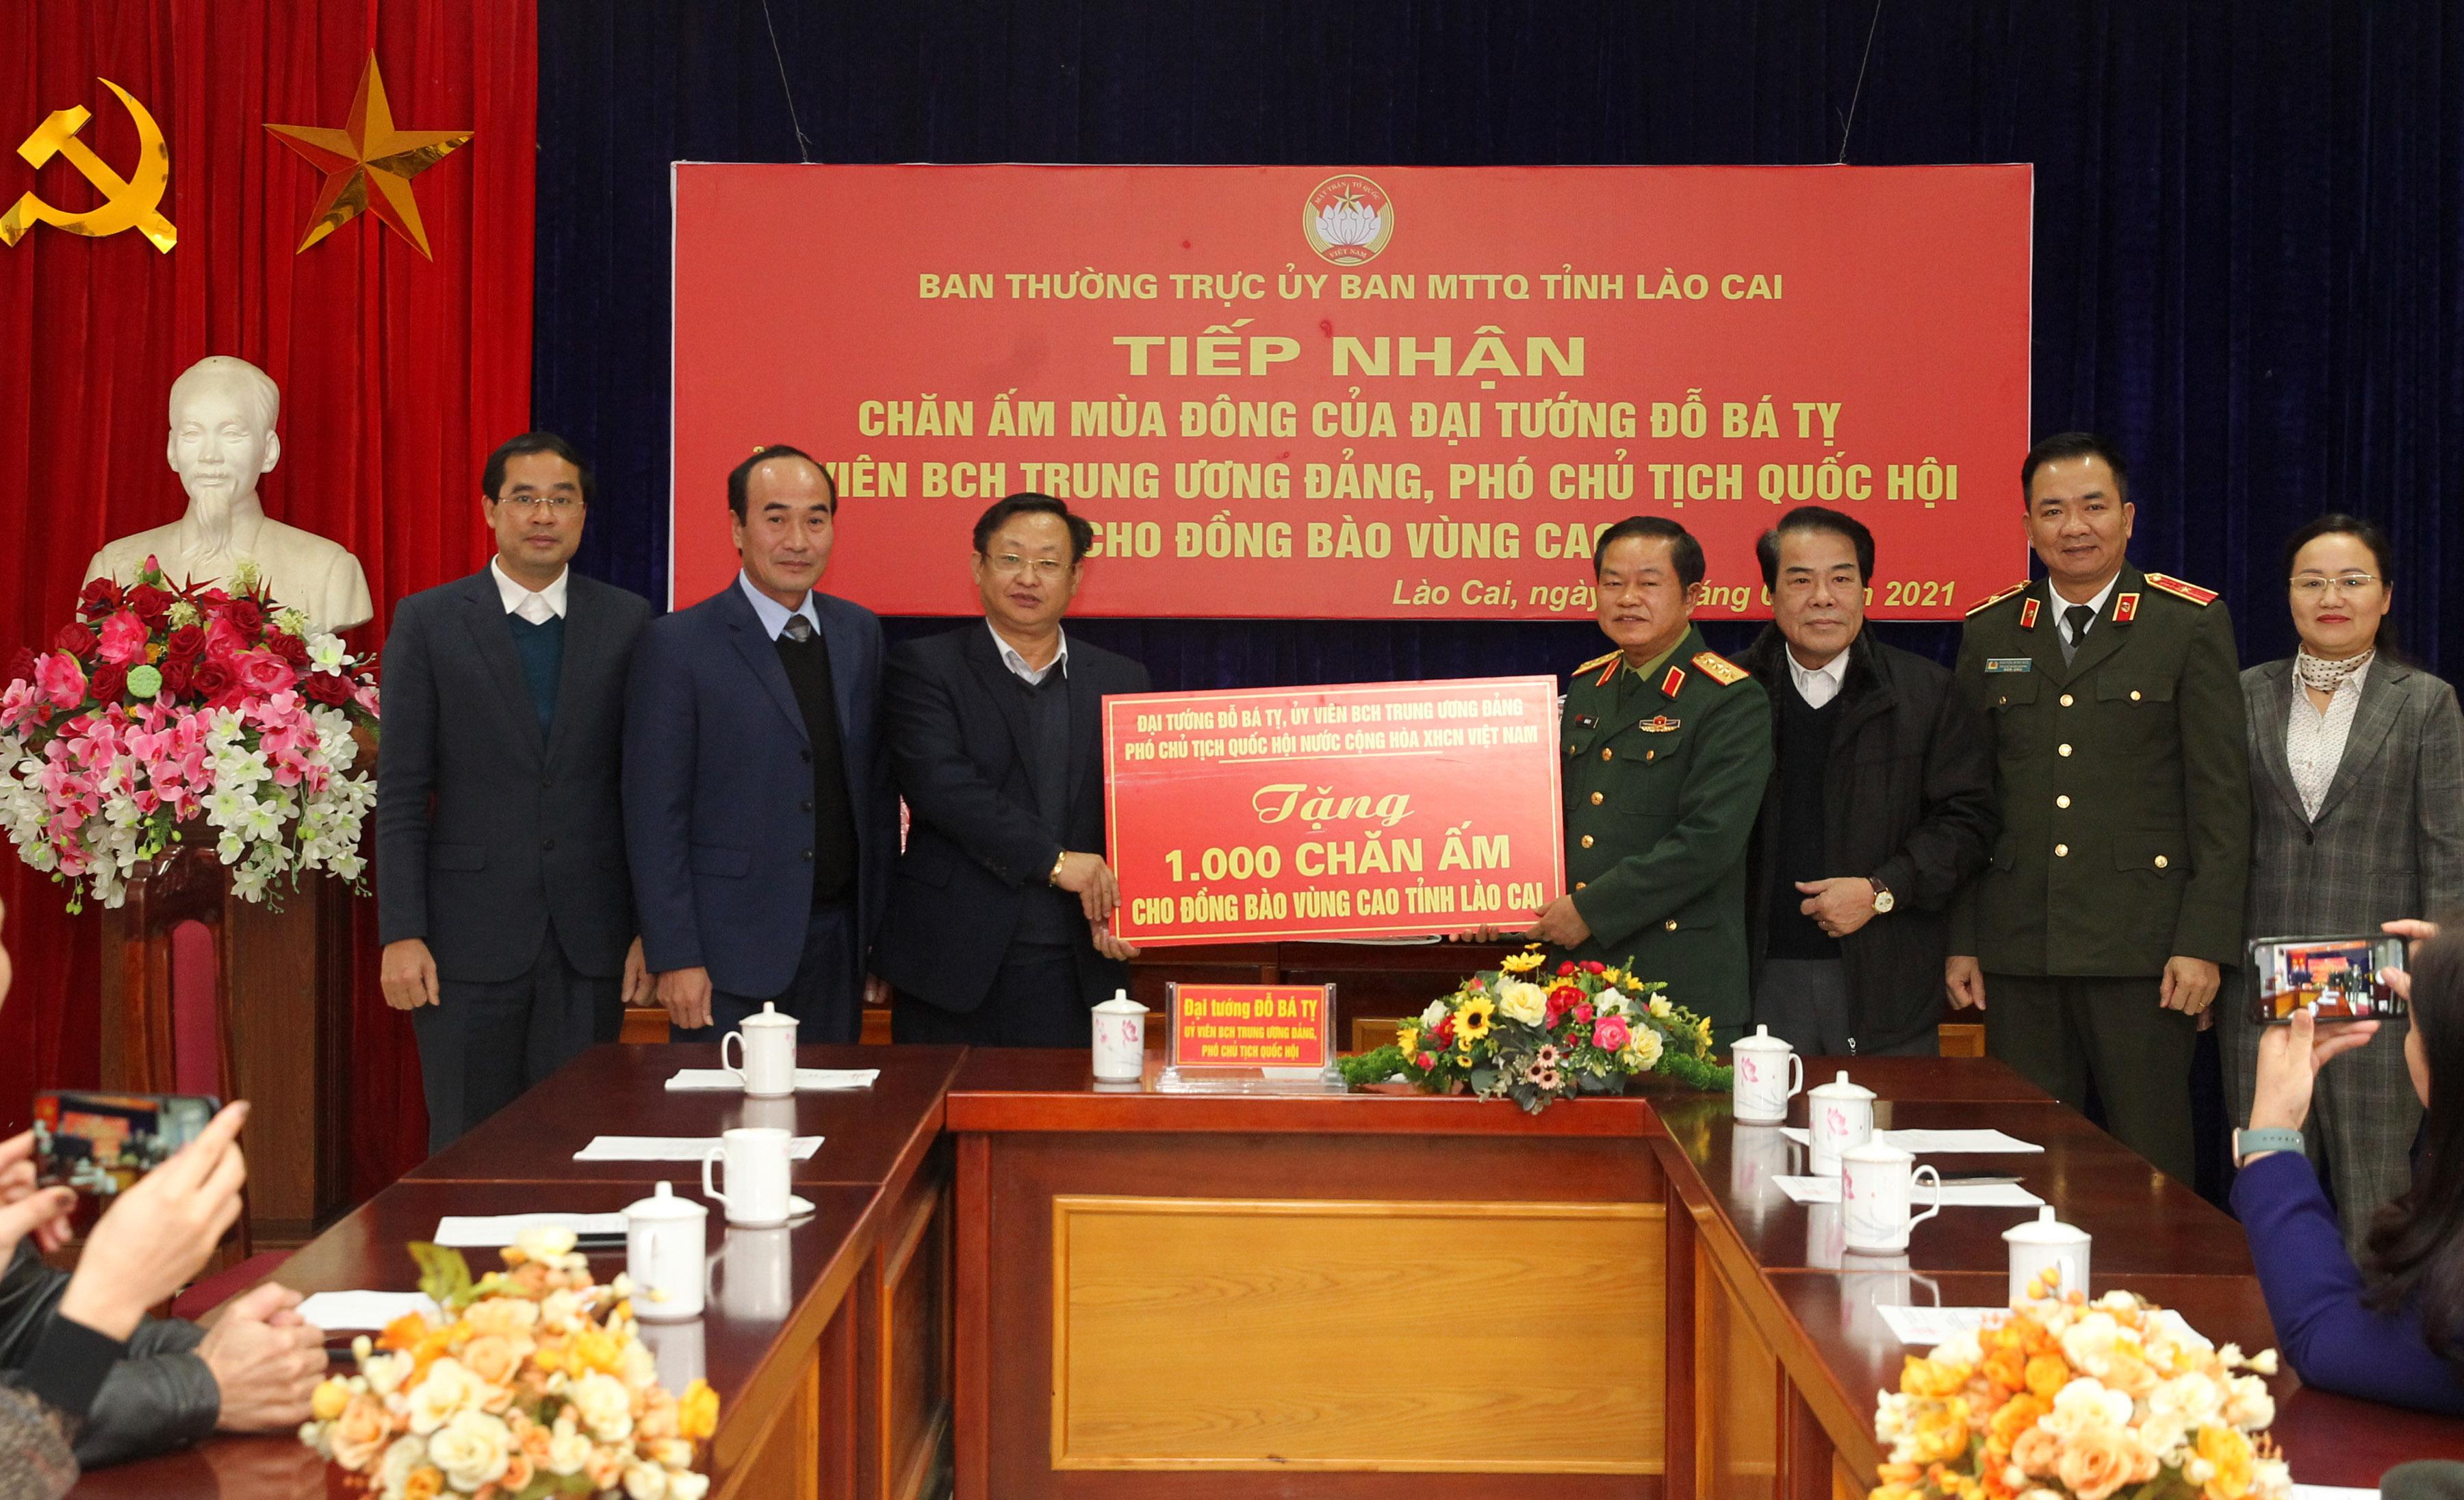 Đại tướng Đỗ Bá Tỵ, Phó Chủ tịch Quốc hội trao tượng trưng 1000 chăn ấm cho đồng bào nghèo trên địa bàn tỉnh Lào Cai